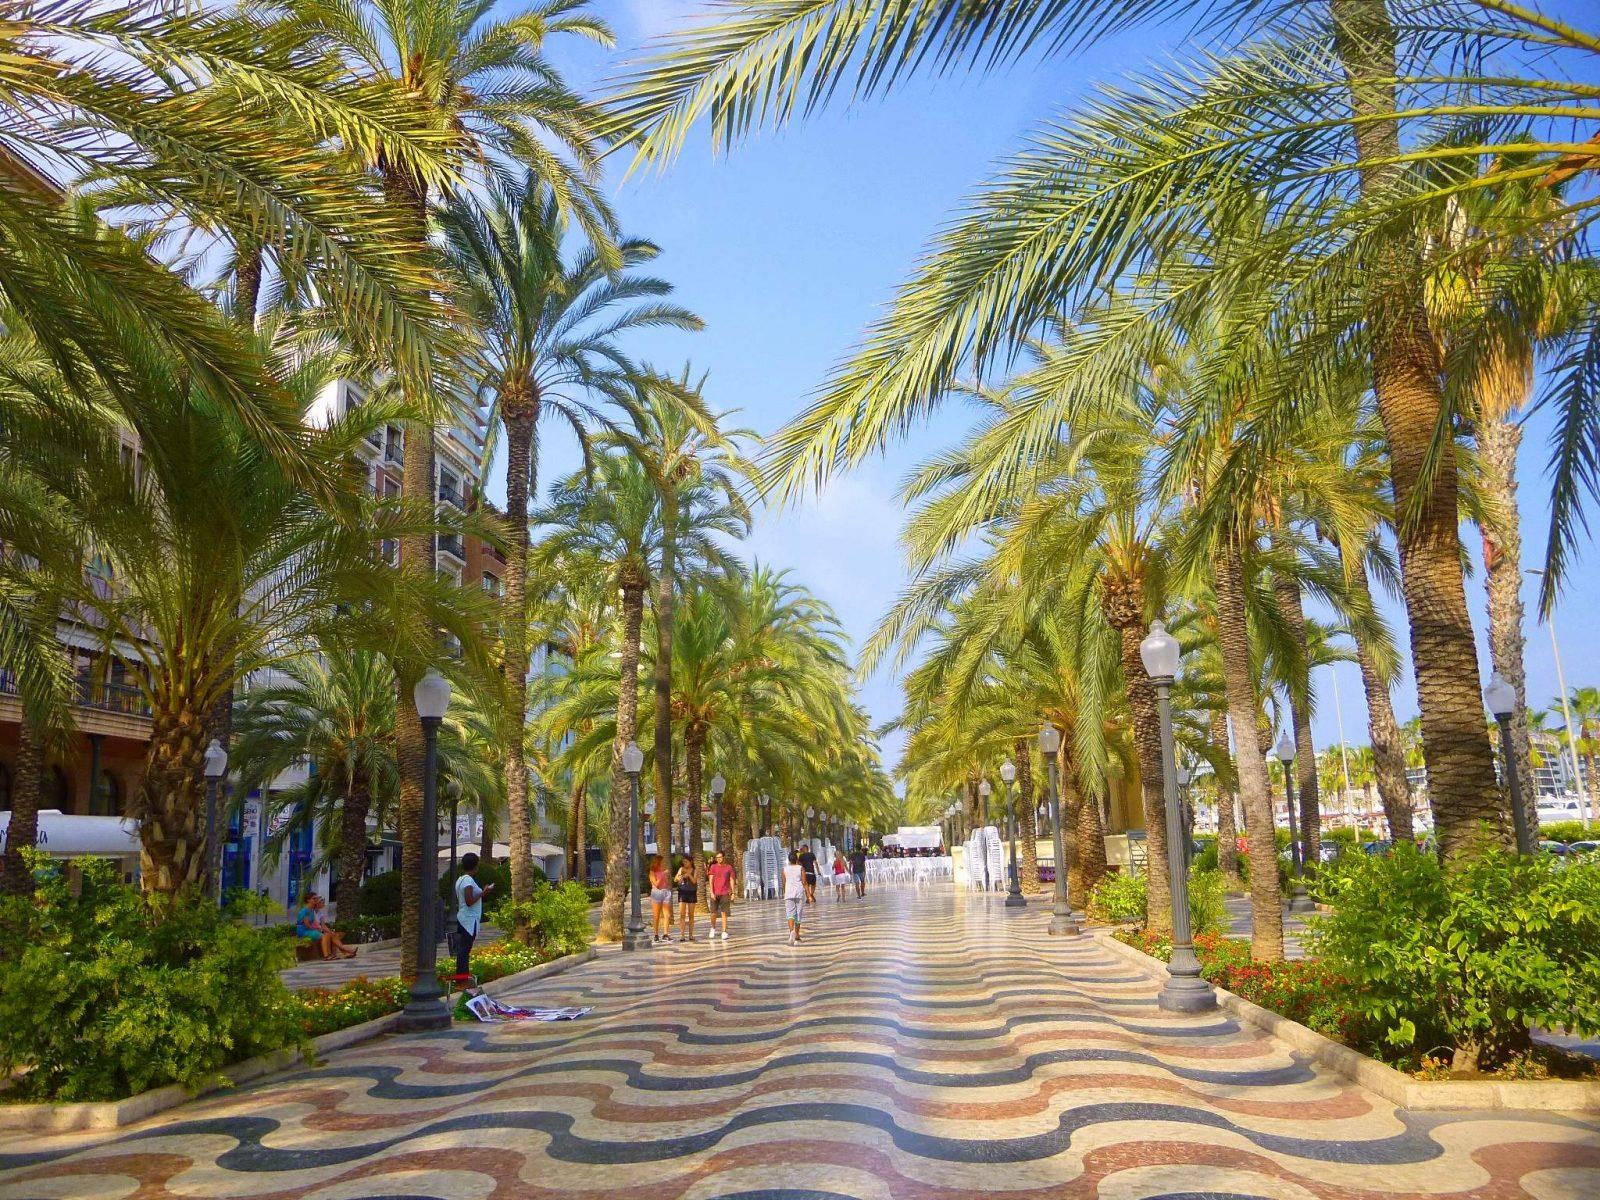 spain-realty: Alicante Explanada de España